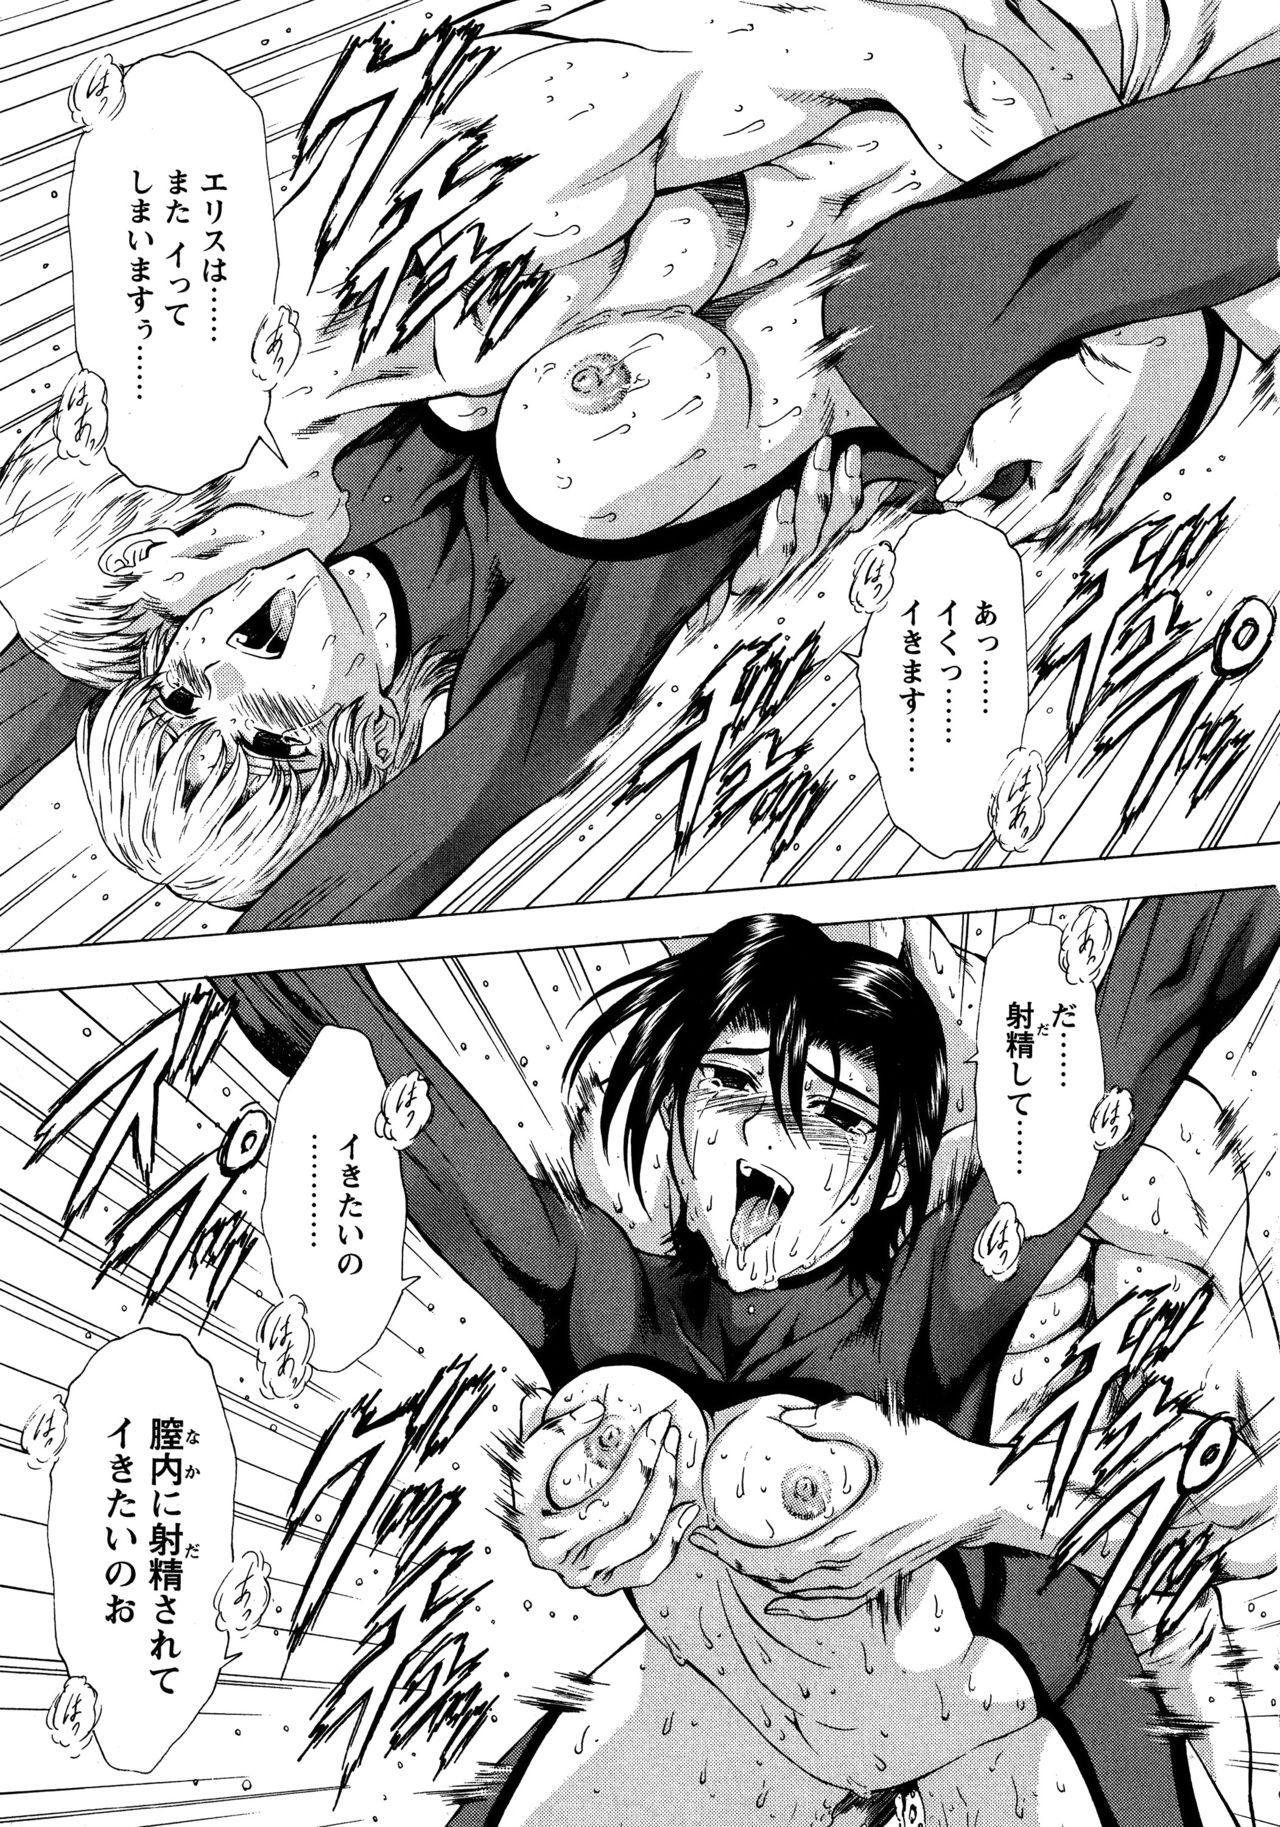 Ginryuu no Reimei Vol. 1 154